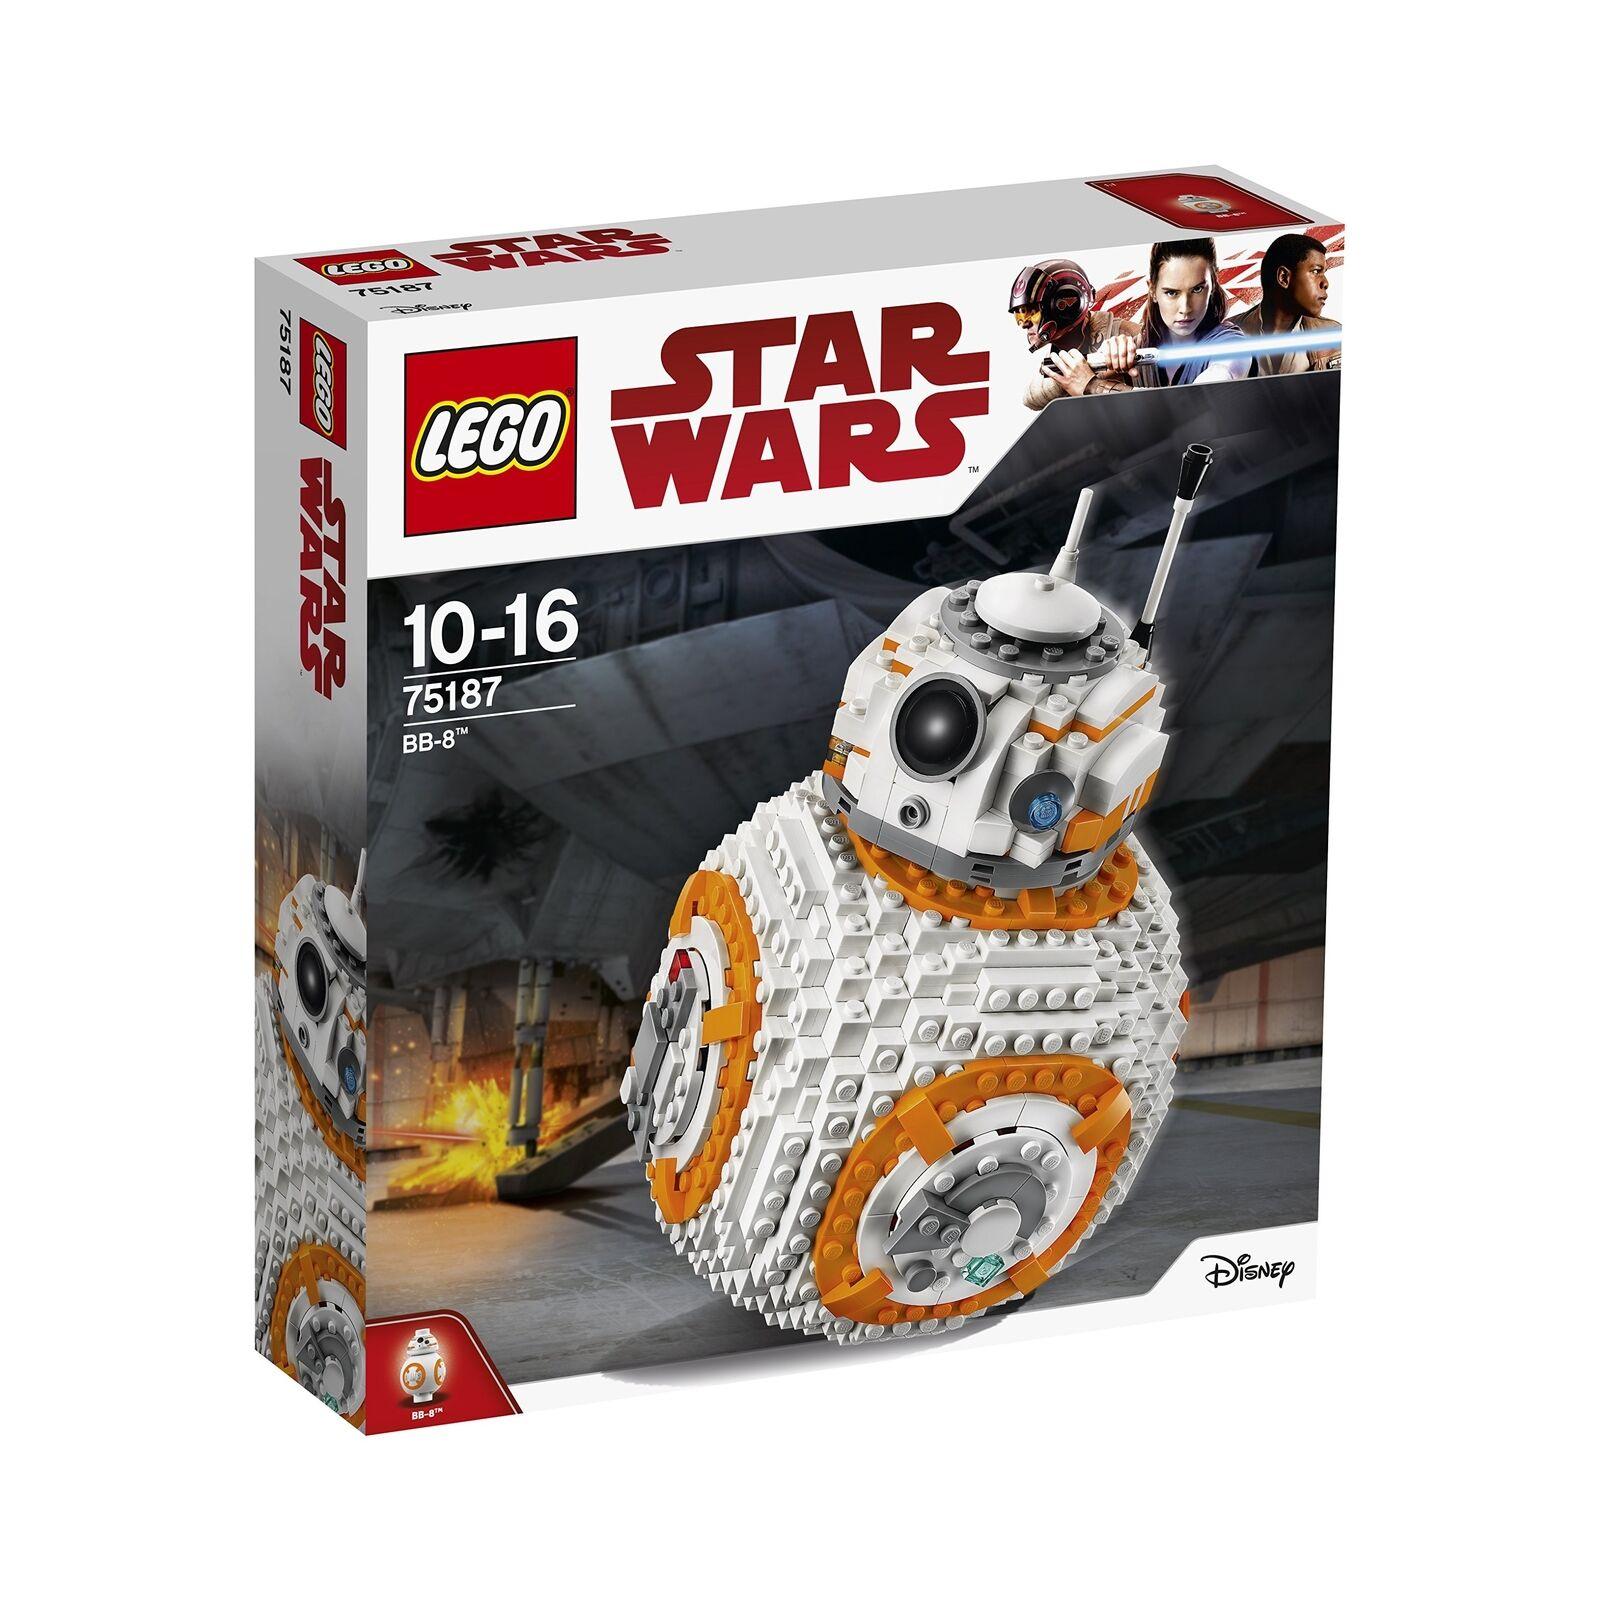 LEGO 75187 Star Wars Jedi l'ultimo BB-8 Robot giocattolo, COLLECTOR'S MODELLO Buildi .